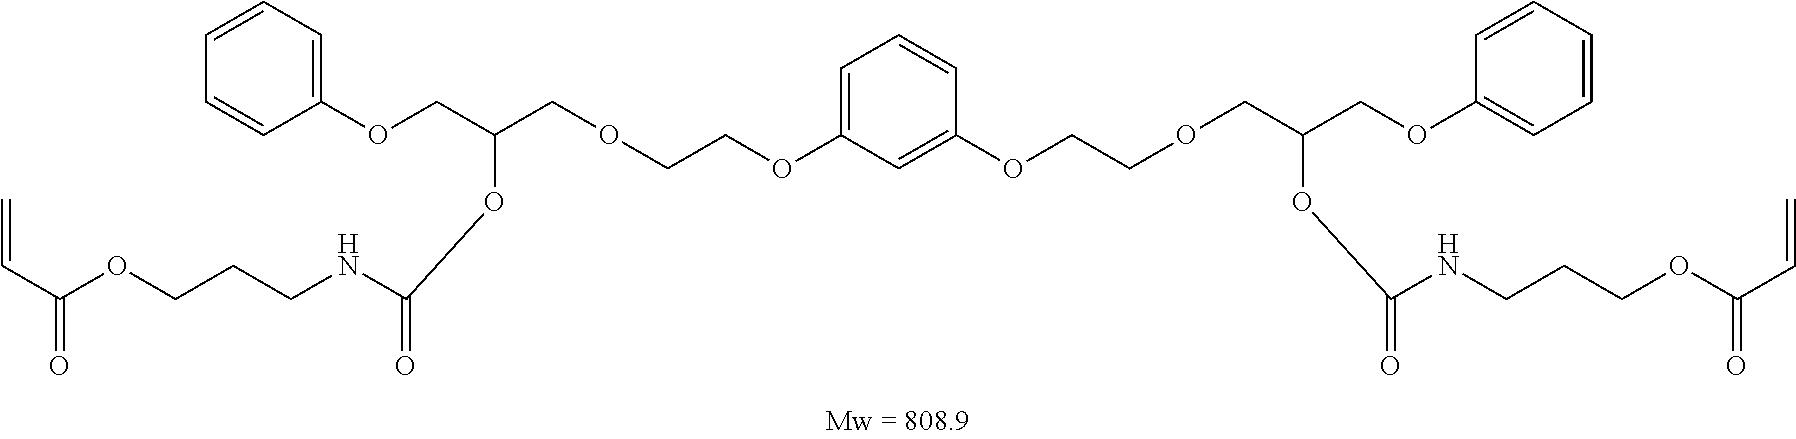 Figure US10022306-20180717-C00017